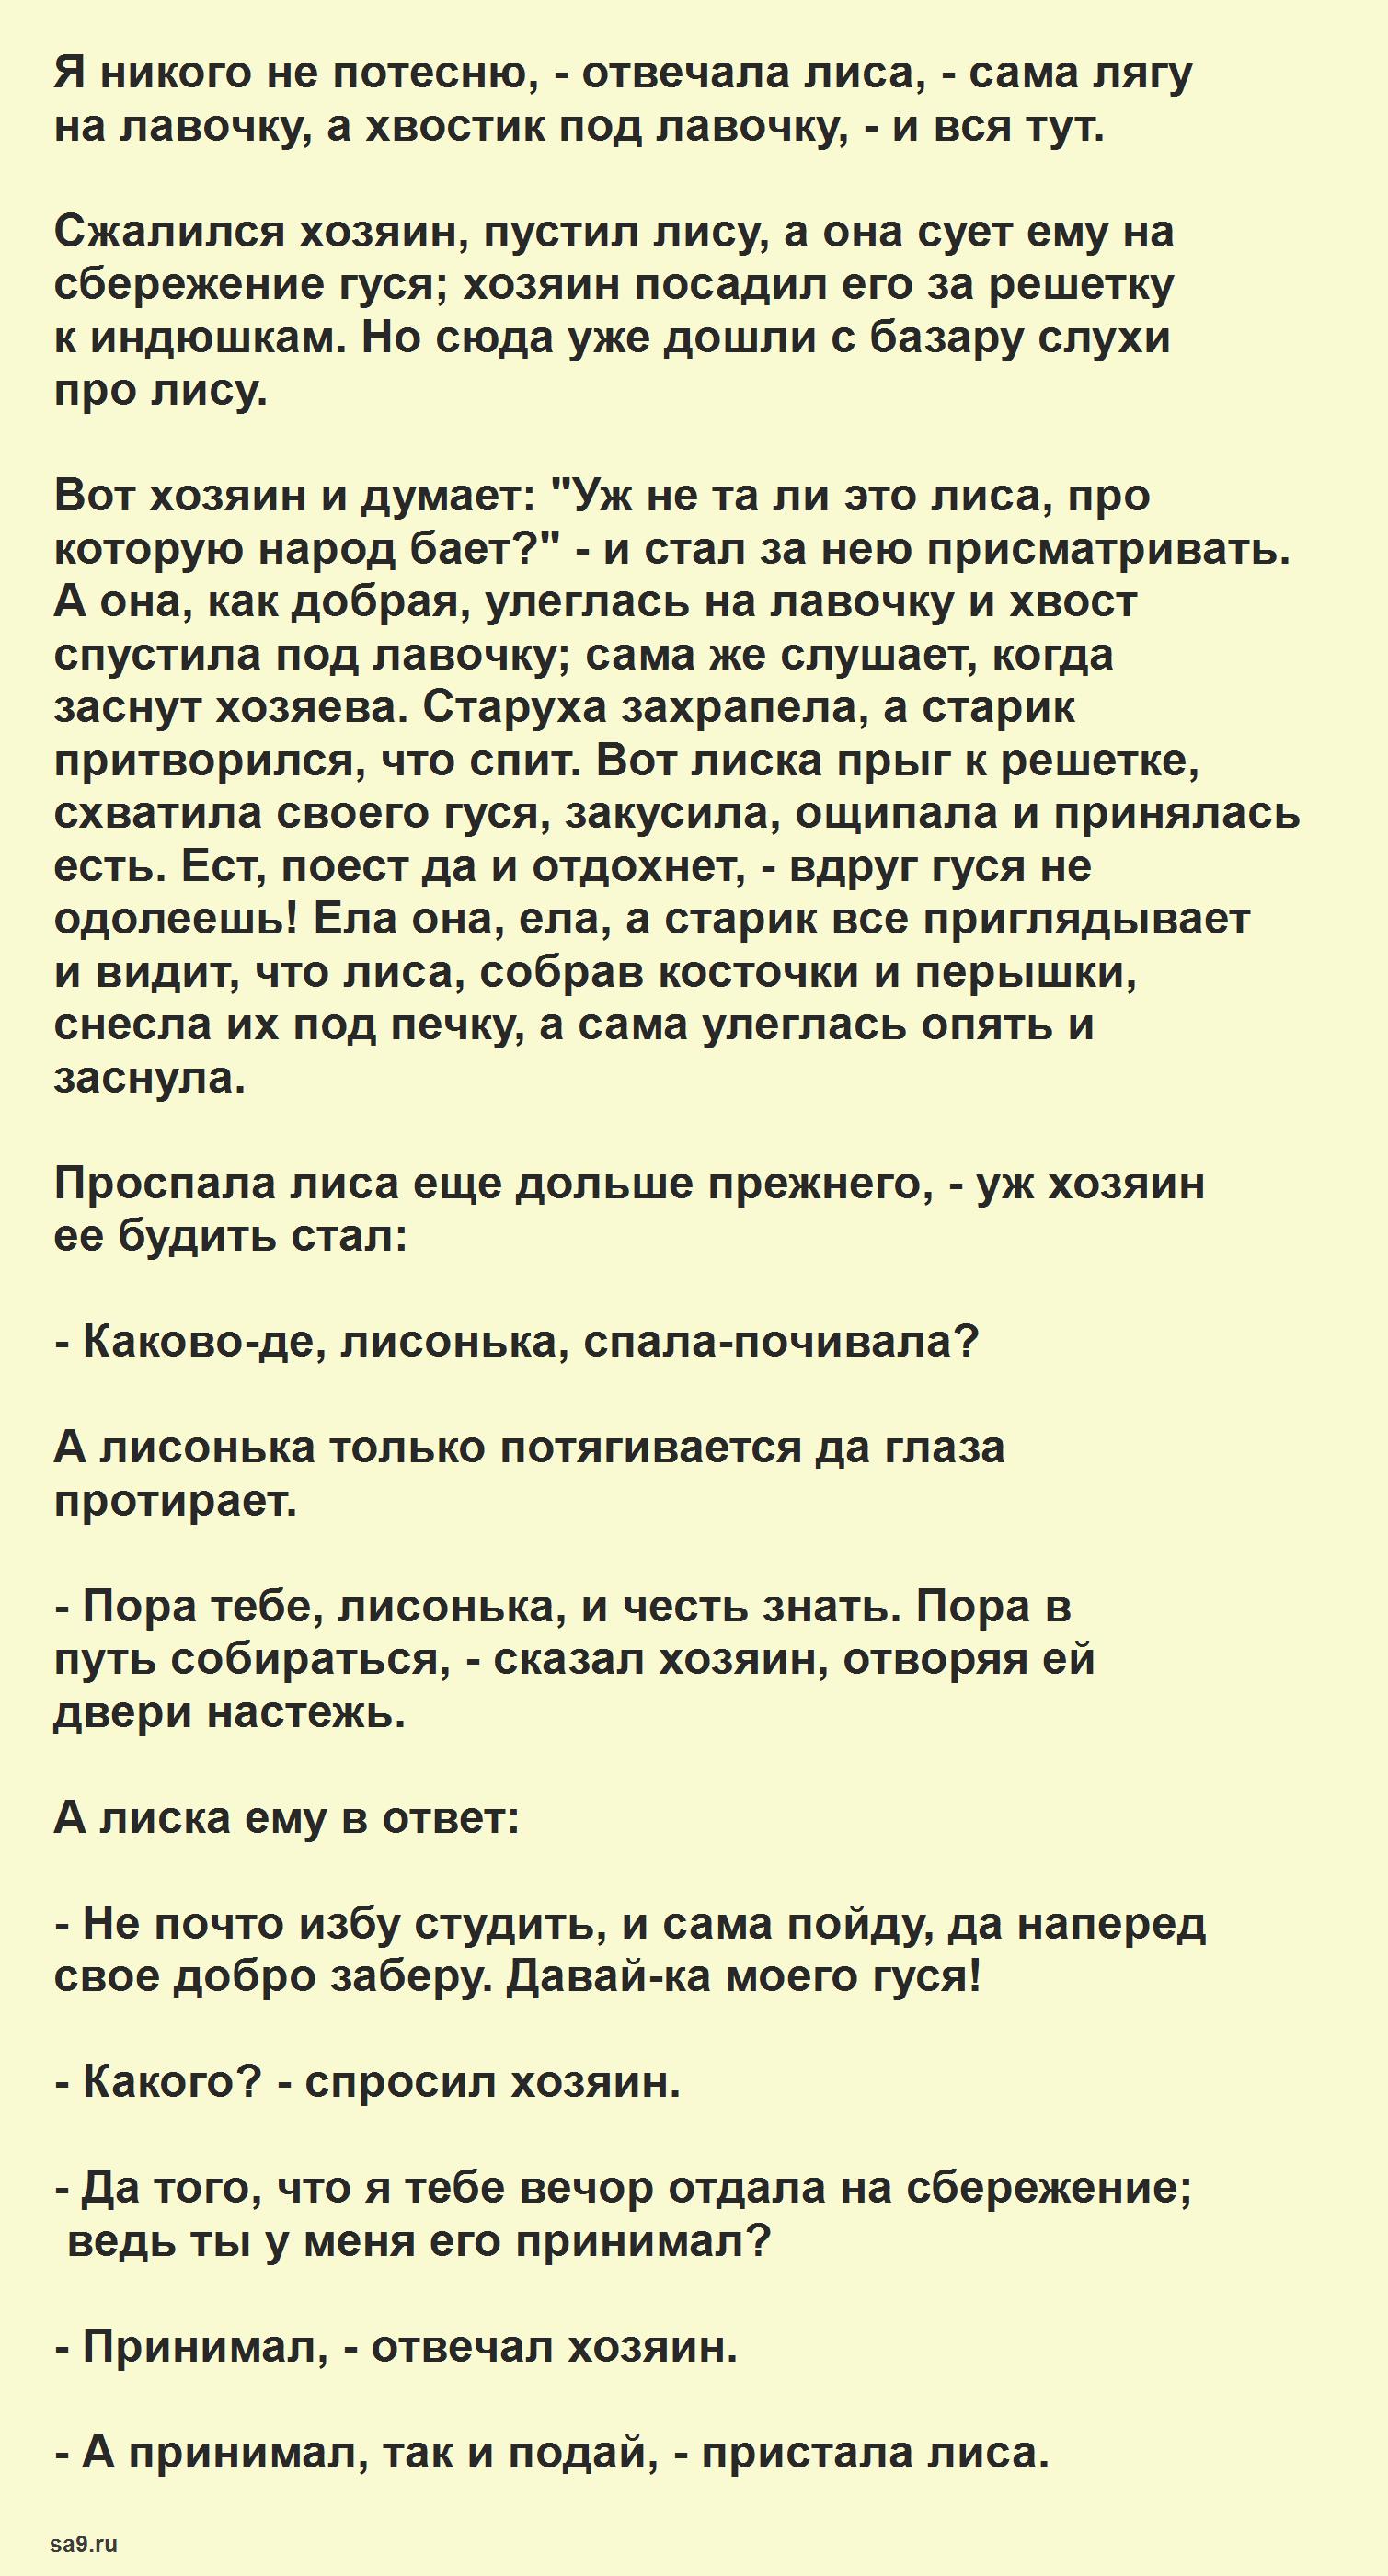 Лиса лапотница – сказка Даля, онлайн бесплатно